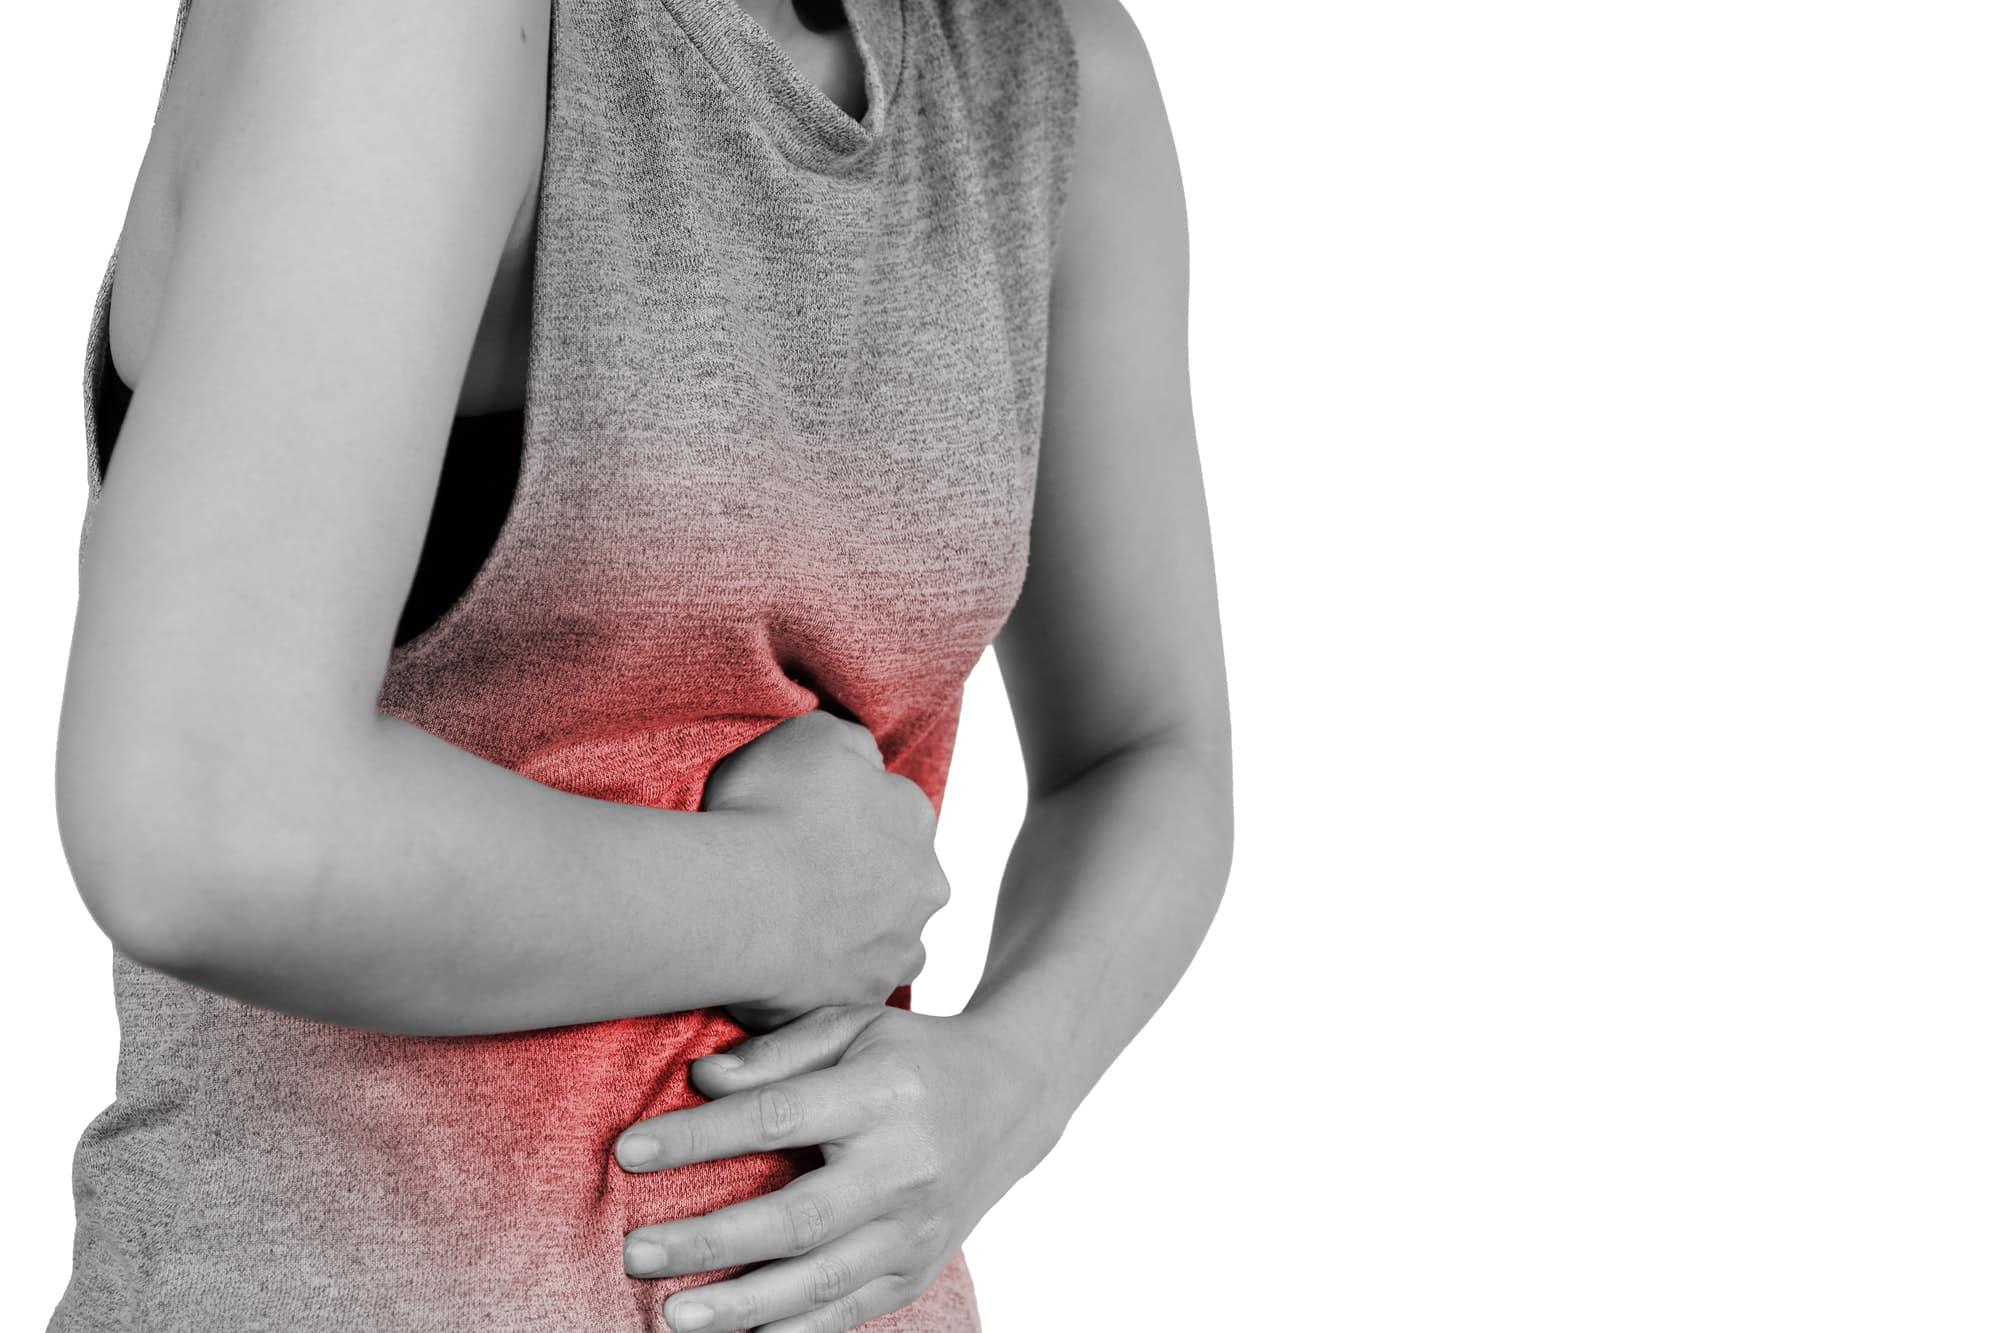 femme a mal au ventre photo en noir et blanc zone rouge au niveau de la douleur